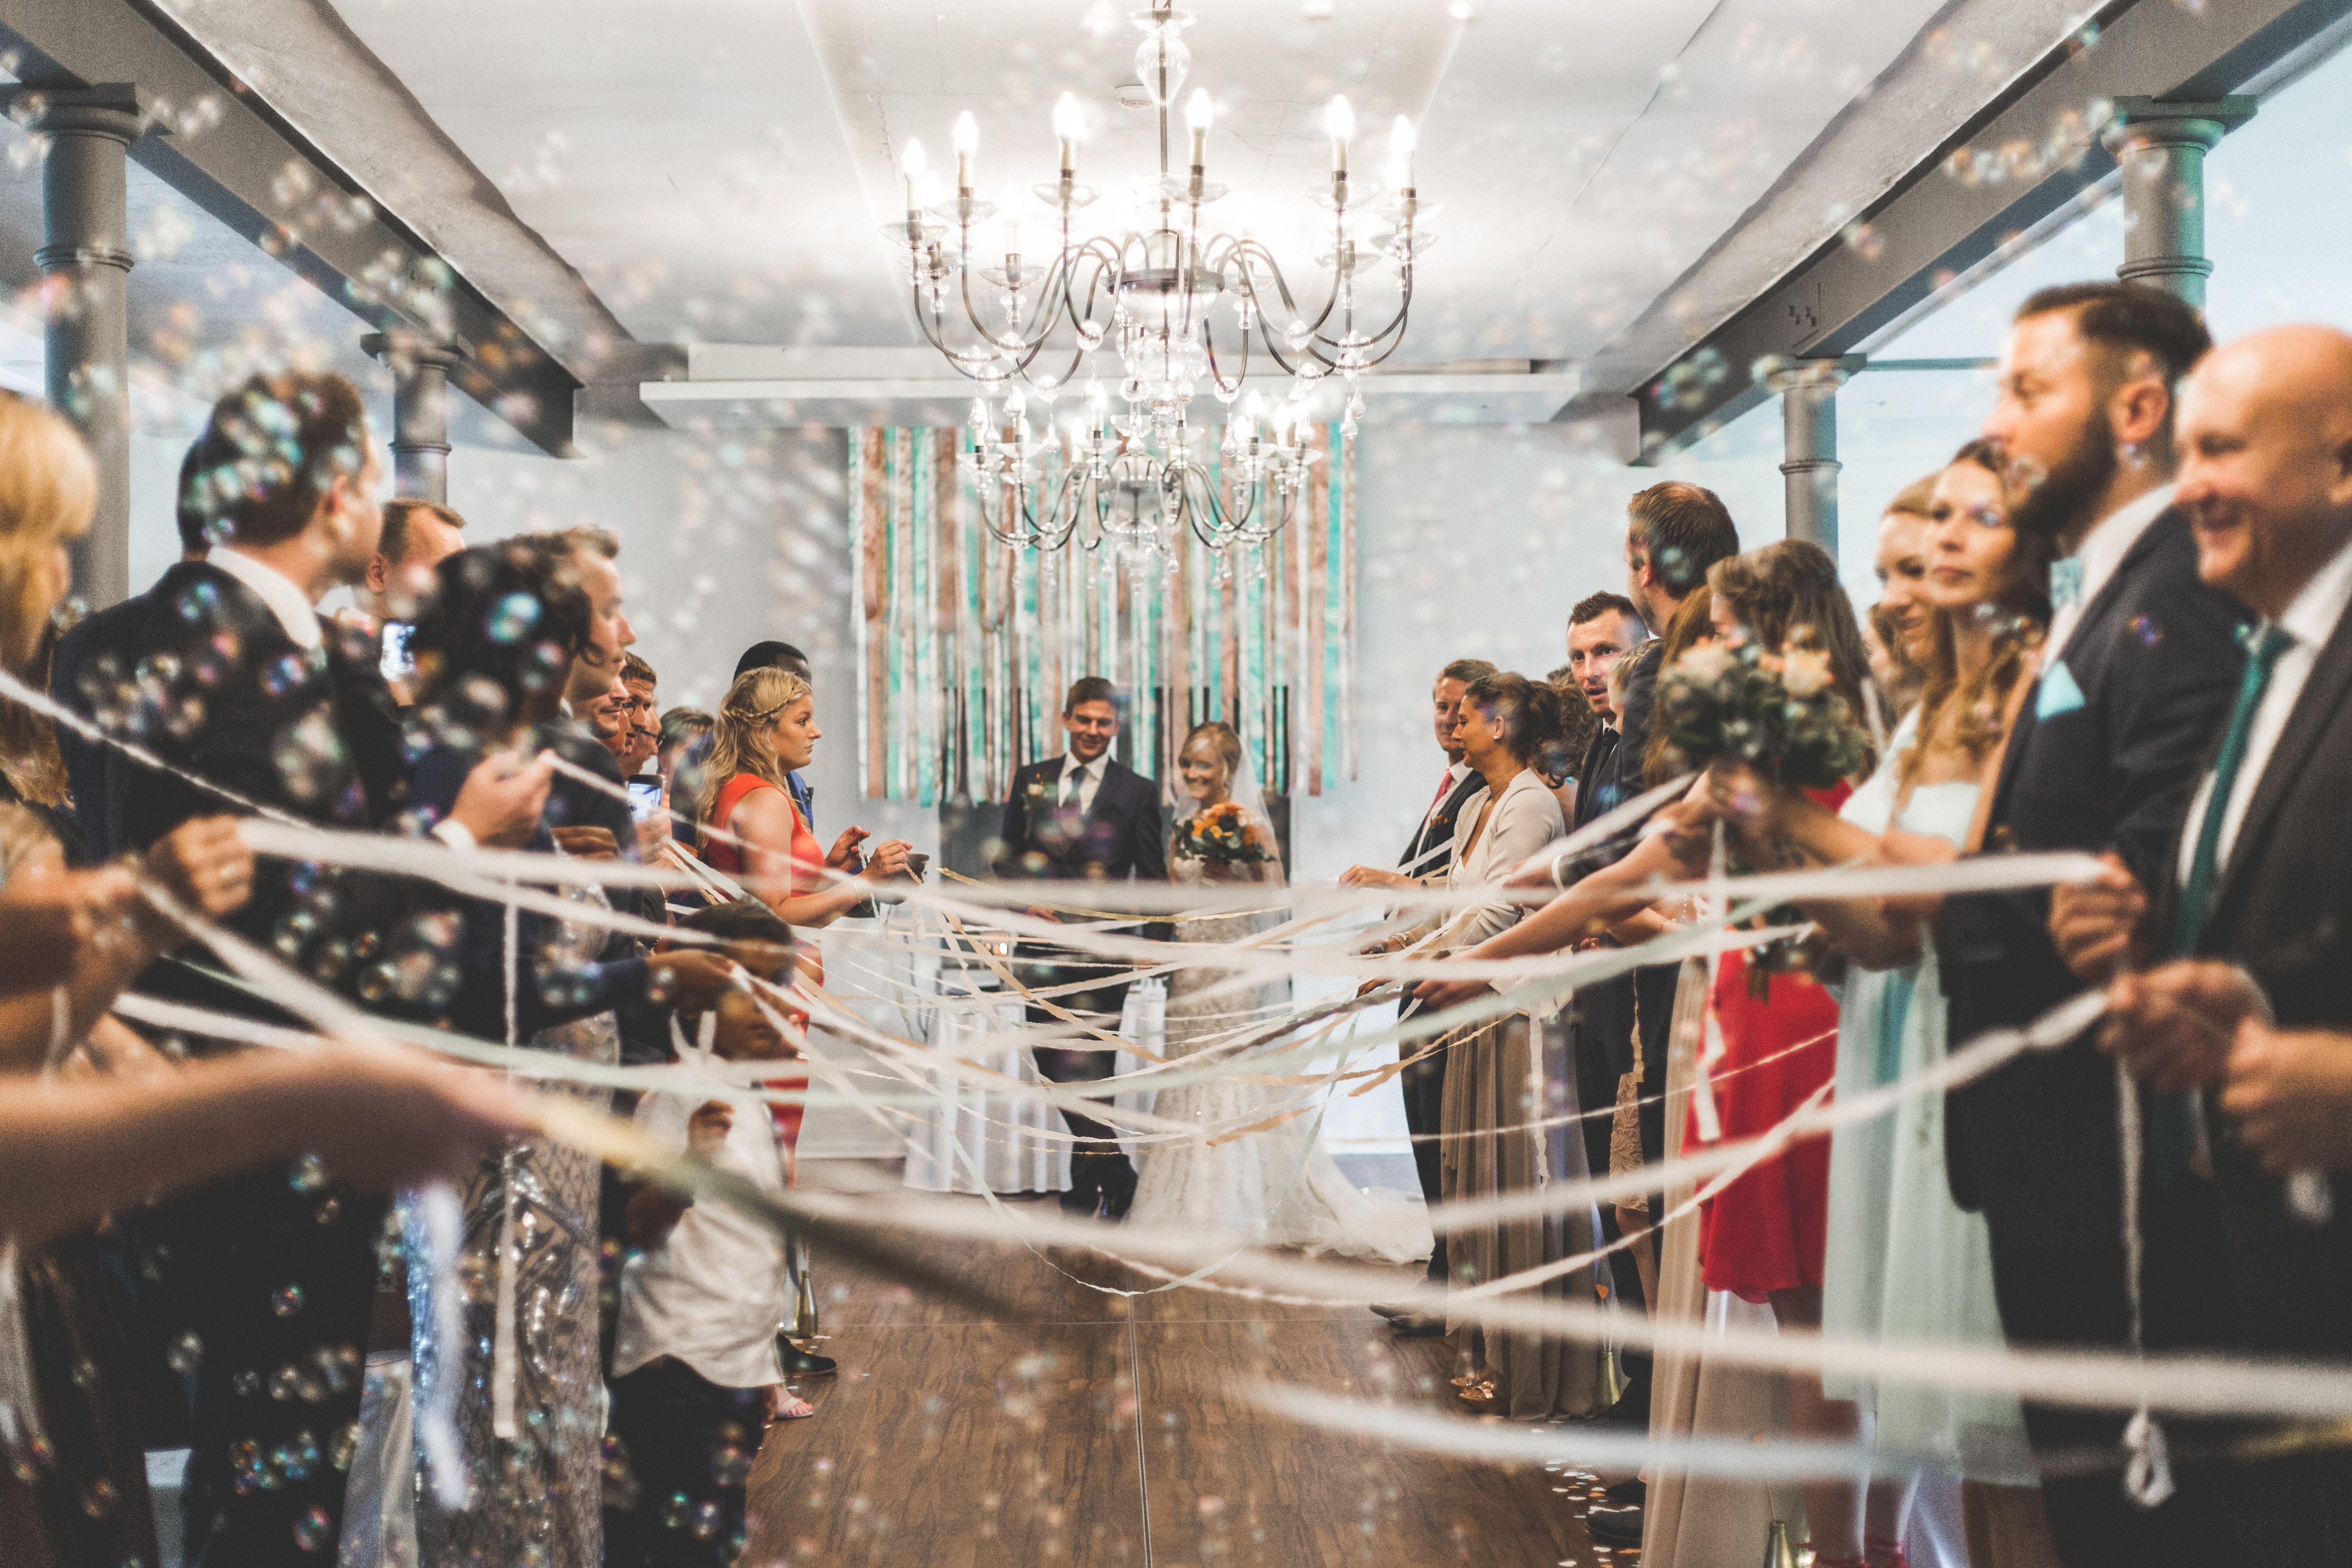 Weddingbubbles Seifenblasen Freie Trauung Hochzeit Auszug Brautpaar Traurednerin Rituale Zur Trauung Spalier Hochzeit Brautfotos Hochzeitsuberraschungen